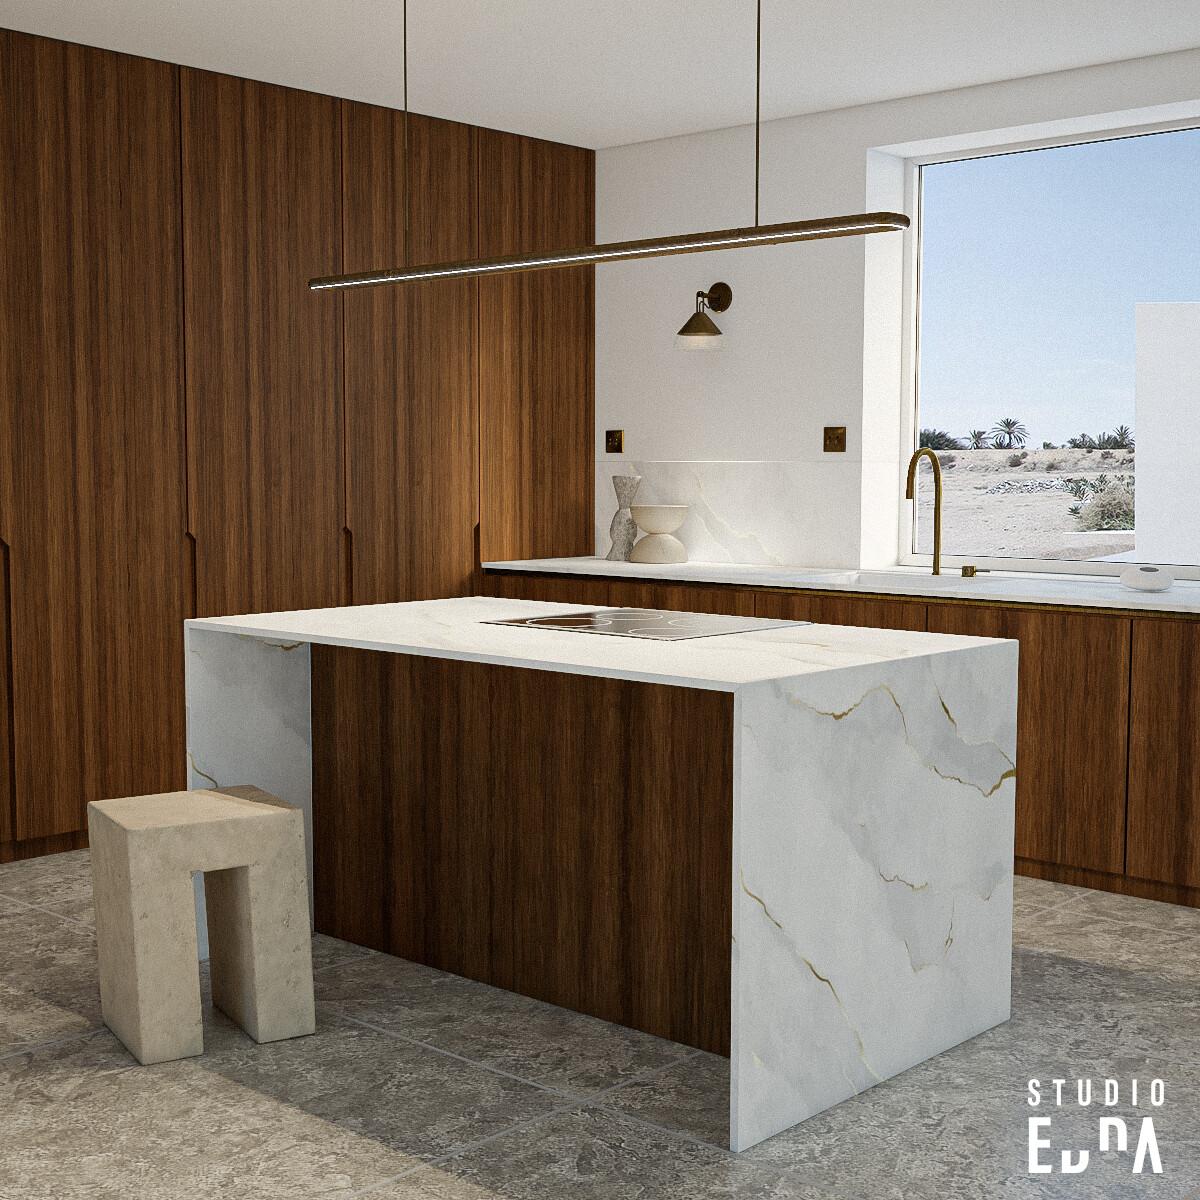 CG - Kitchen - Studio EDNA